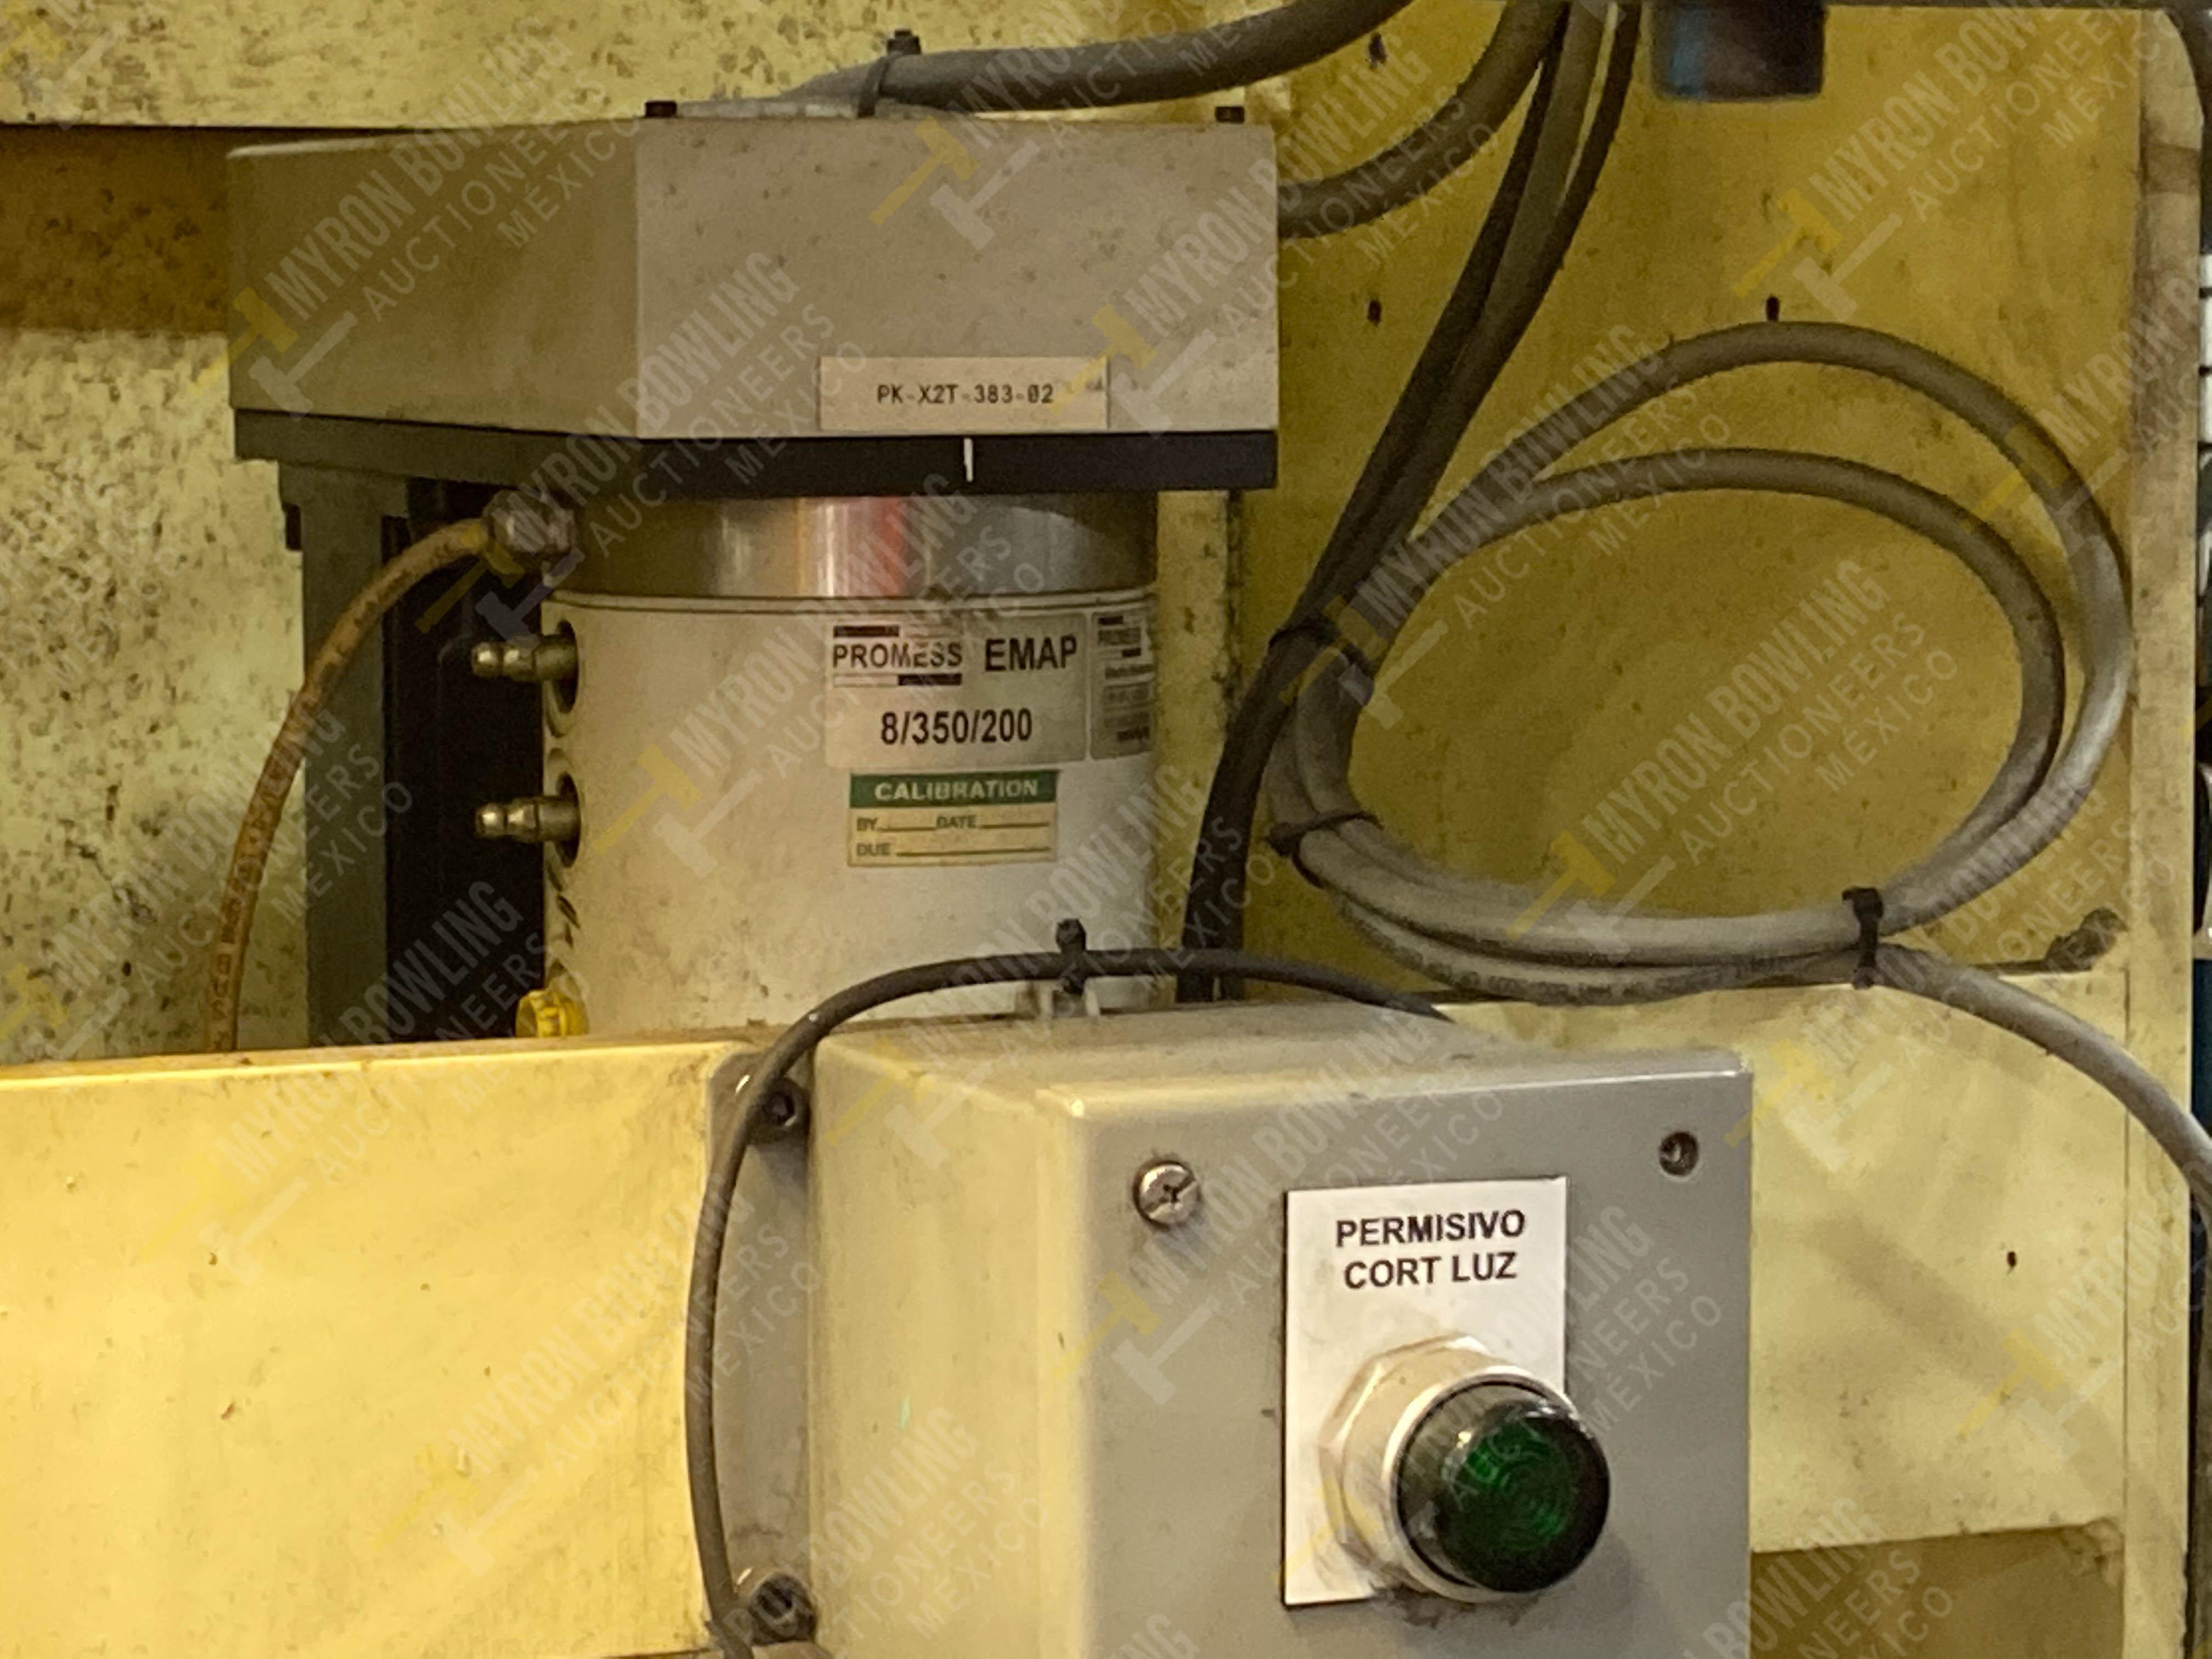 Estación manual para operación 383, contiene: Prensa marca PROMESS en estructura de placa de acero - Image 20 of 27